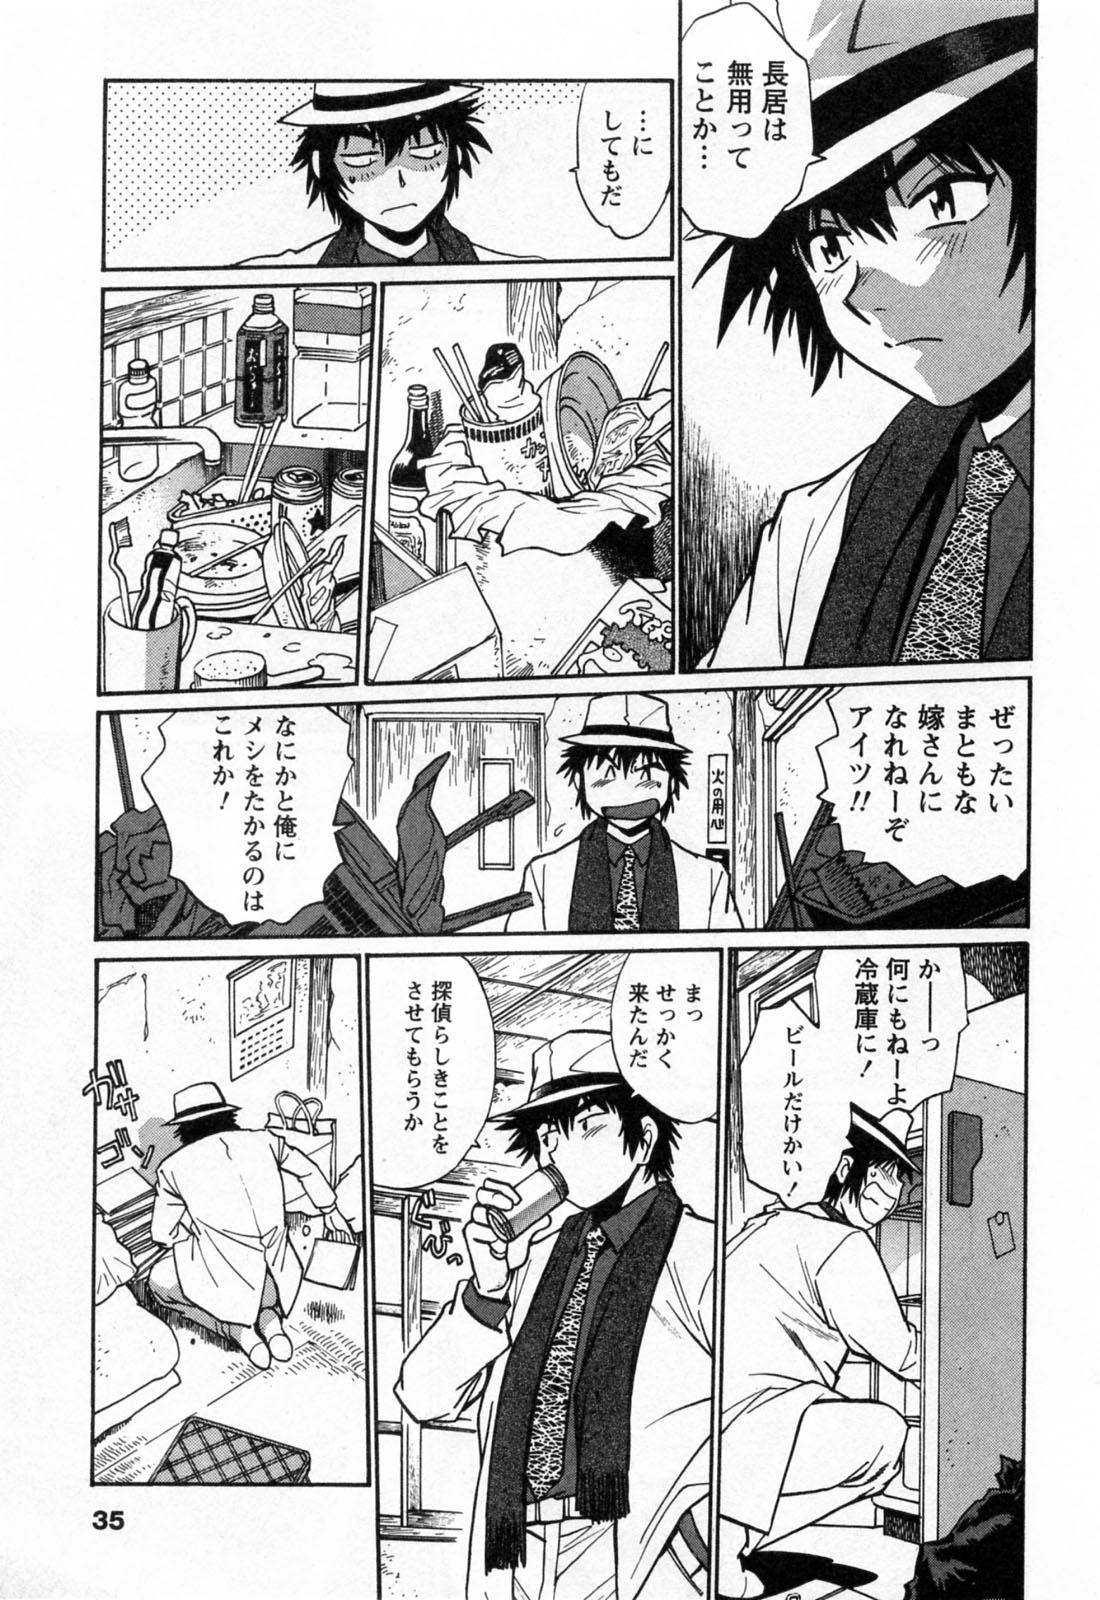 Makunouchi Deluxe 3 36